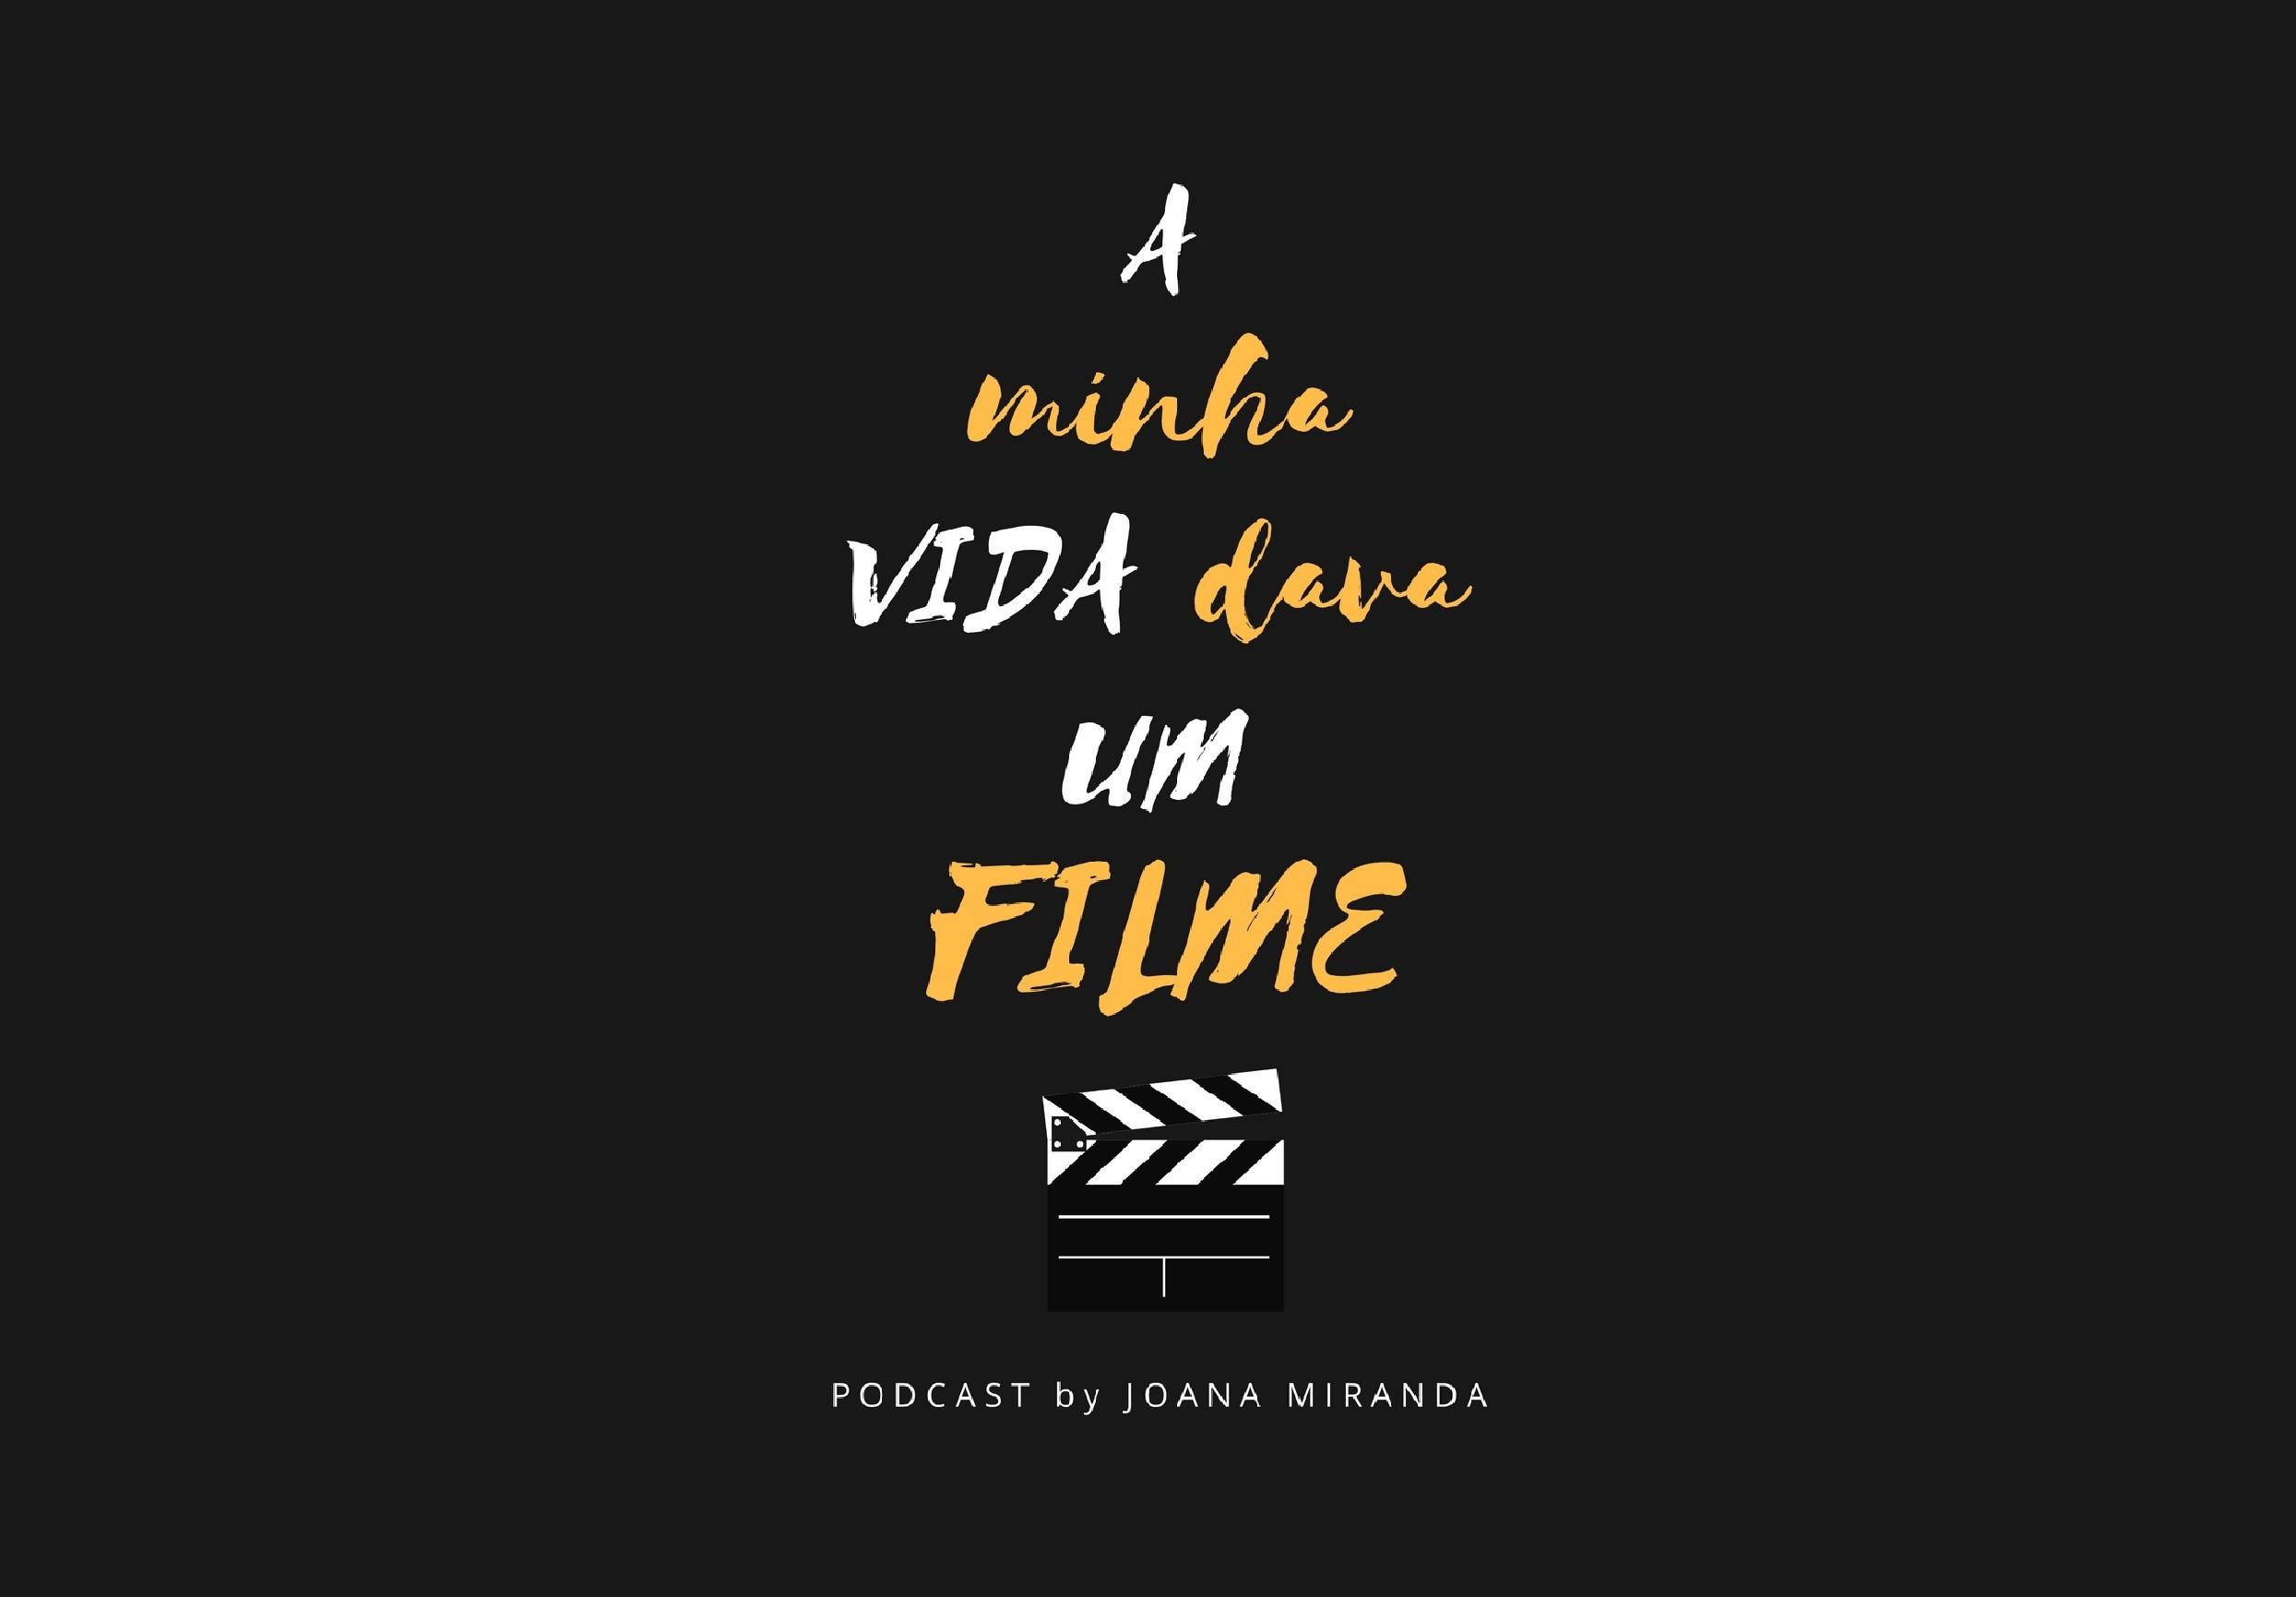 A Minha Vida Dava Um Filme